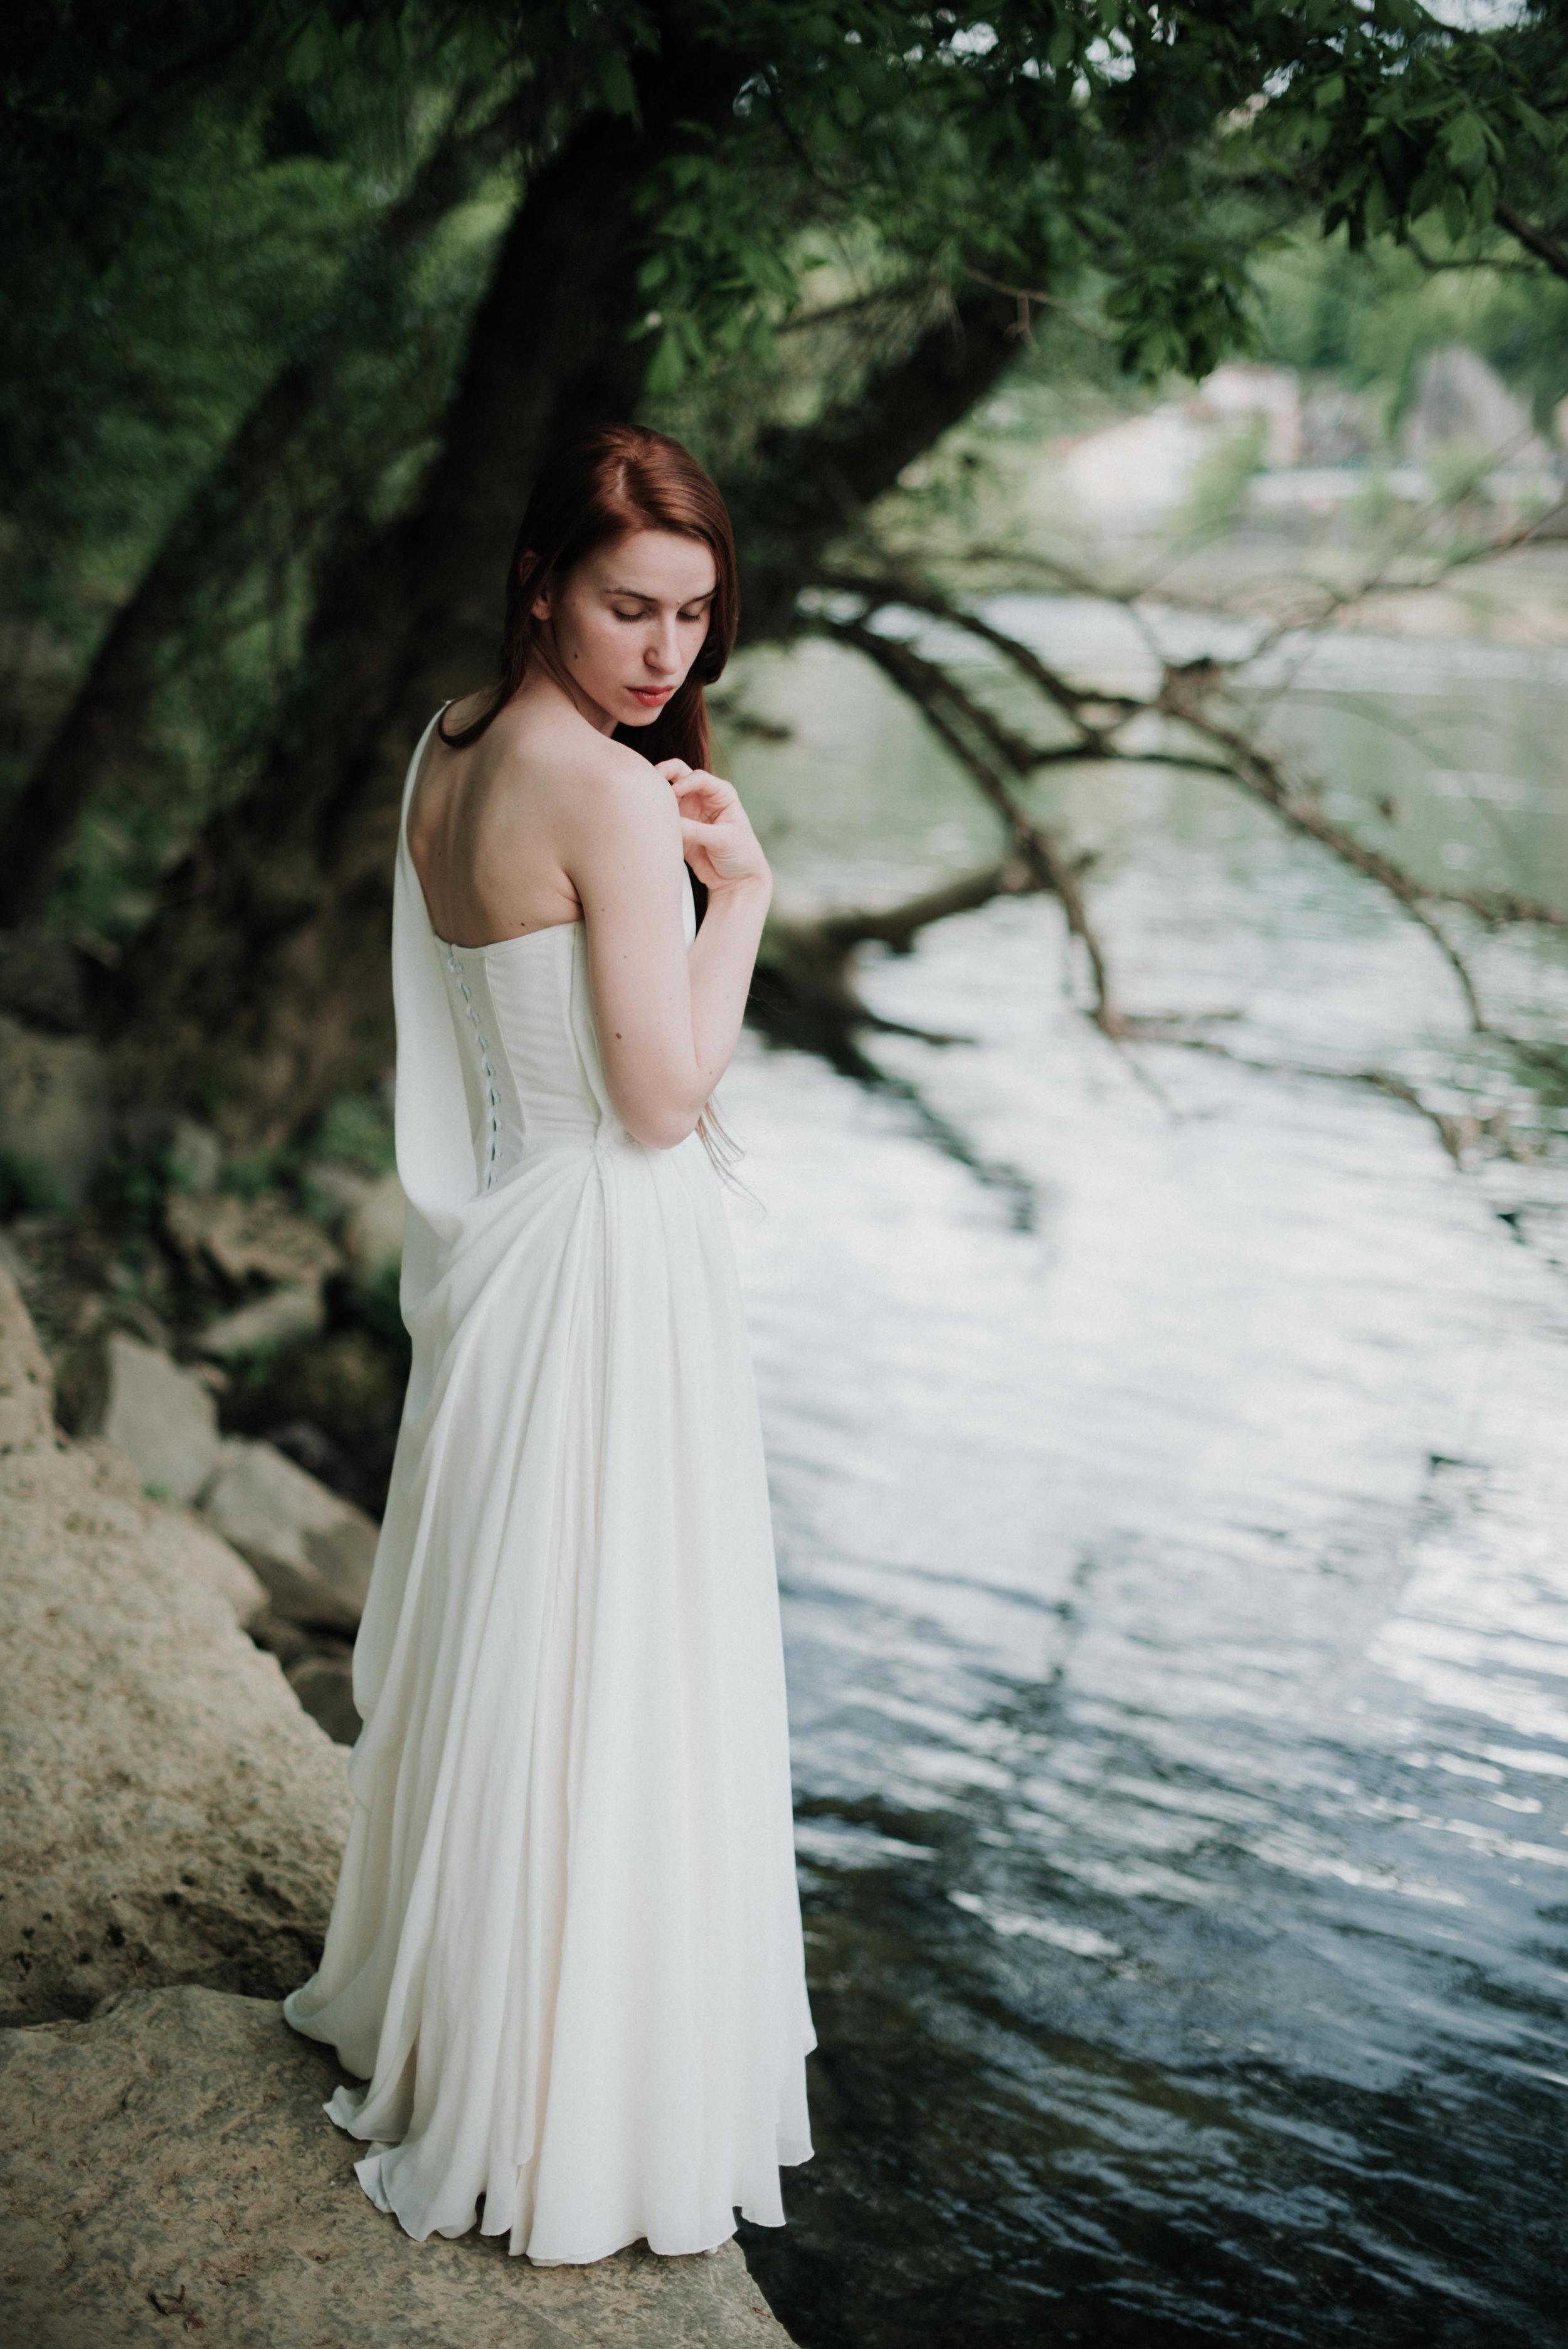 Léa-Fery-photographe-professionnel-lyon-rhone-alpes-portrait-creation-mariage-evenement-evenementiel-famille-8549.jpg